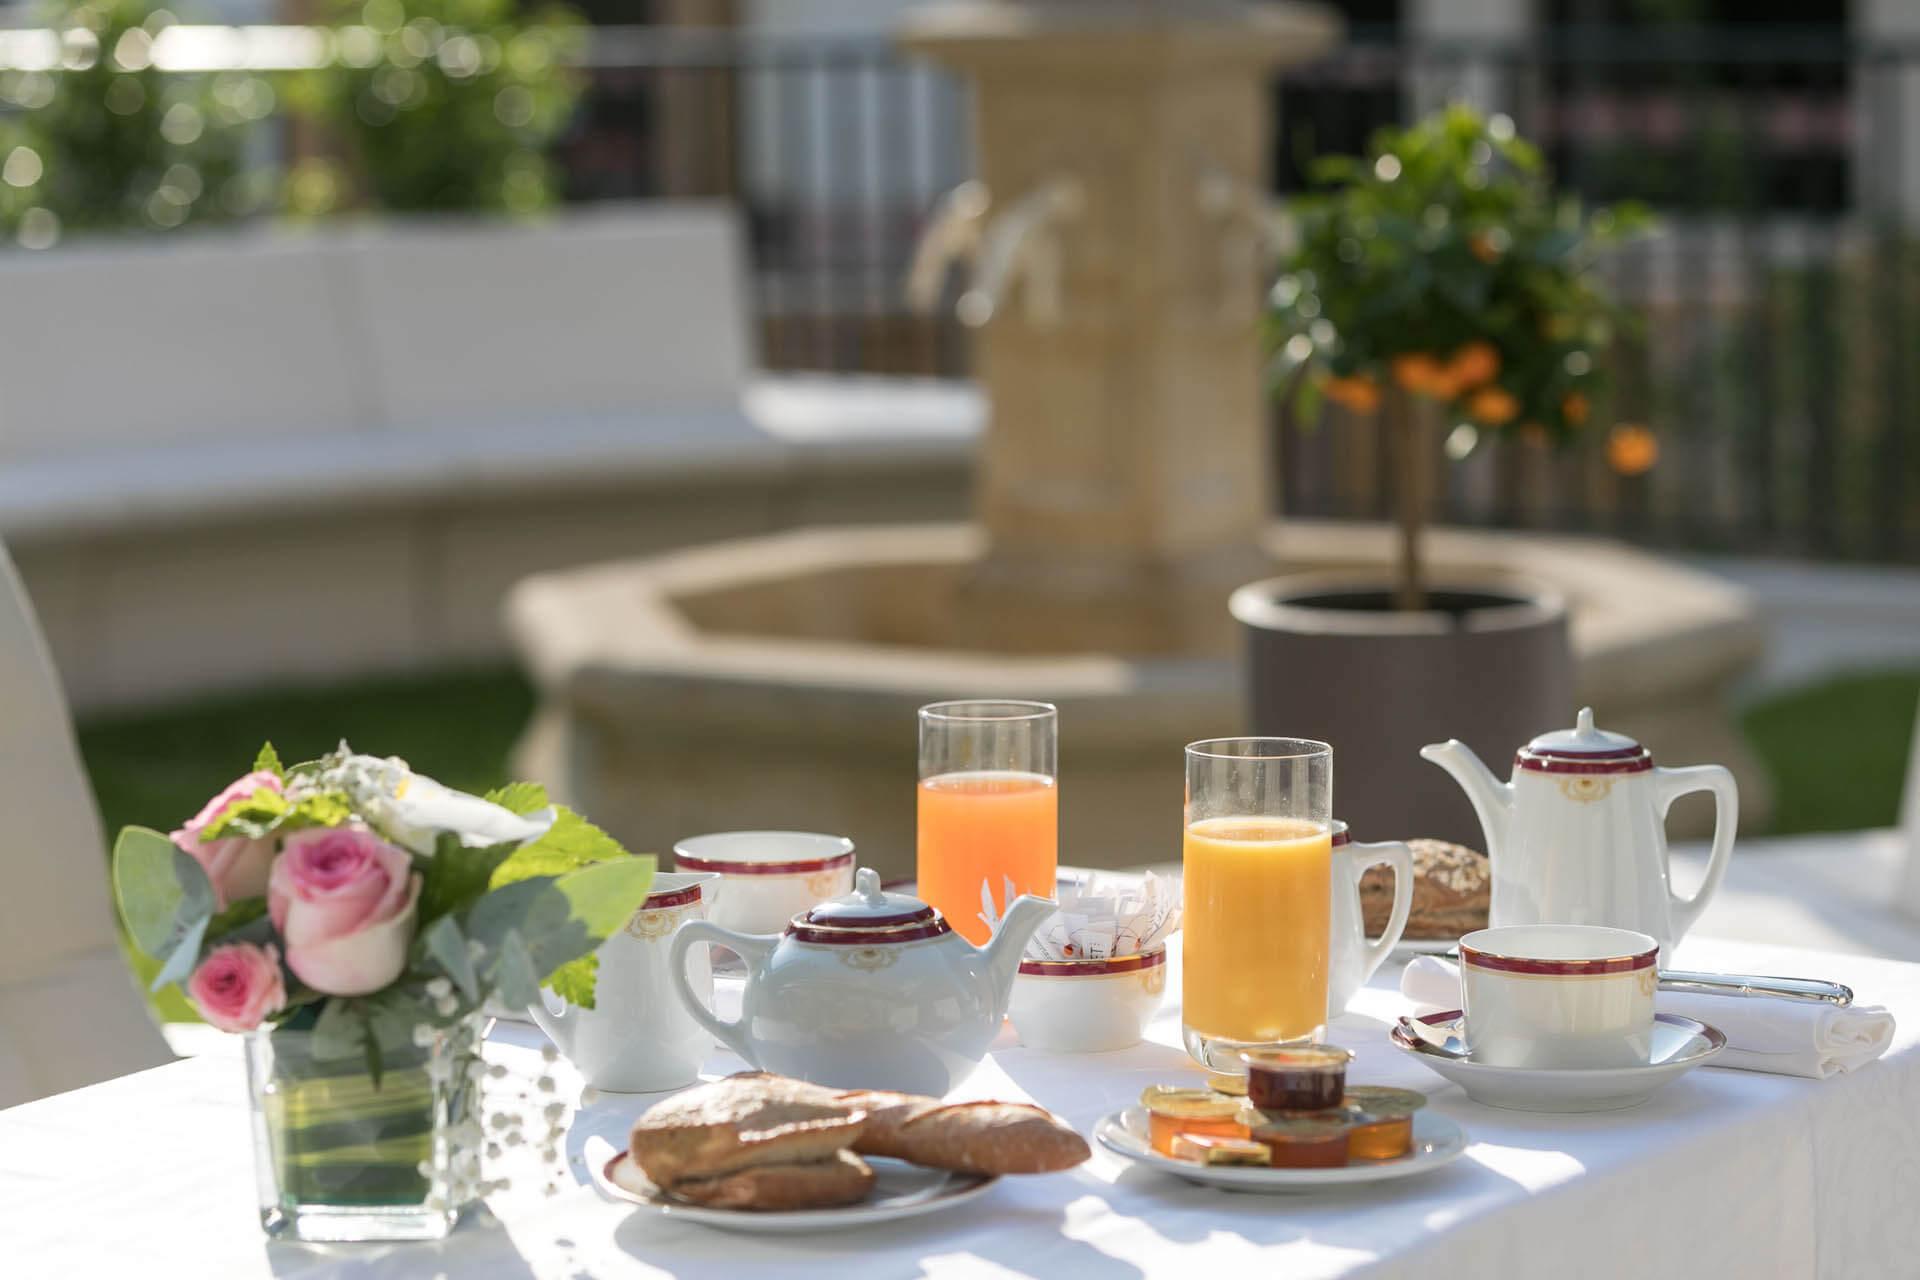 Petit déjeuner à la Résidence villa médicis - Confort et bien vivre